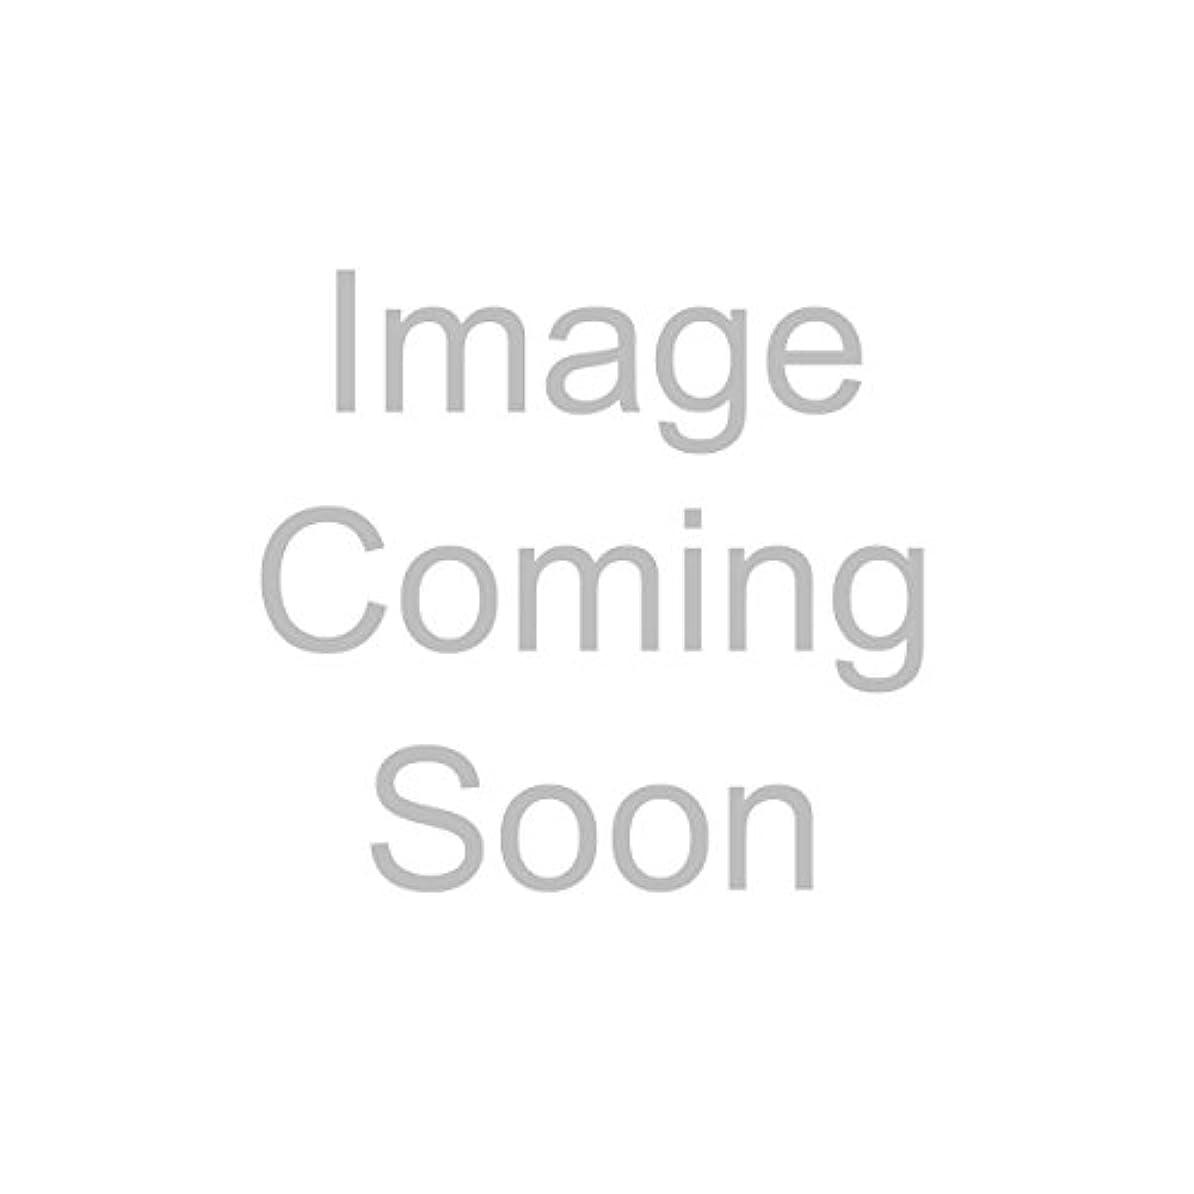 特異な抵抗裕福なナルシソ ロドリゲス フォーハー シャワージェル 200ml/6.7oz 200ml/6.7oz